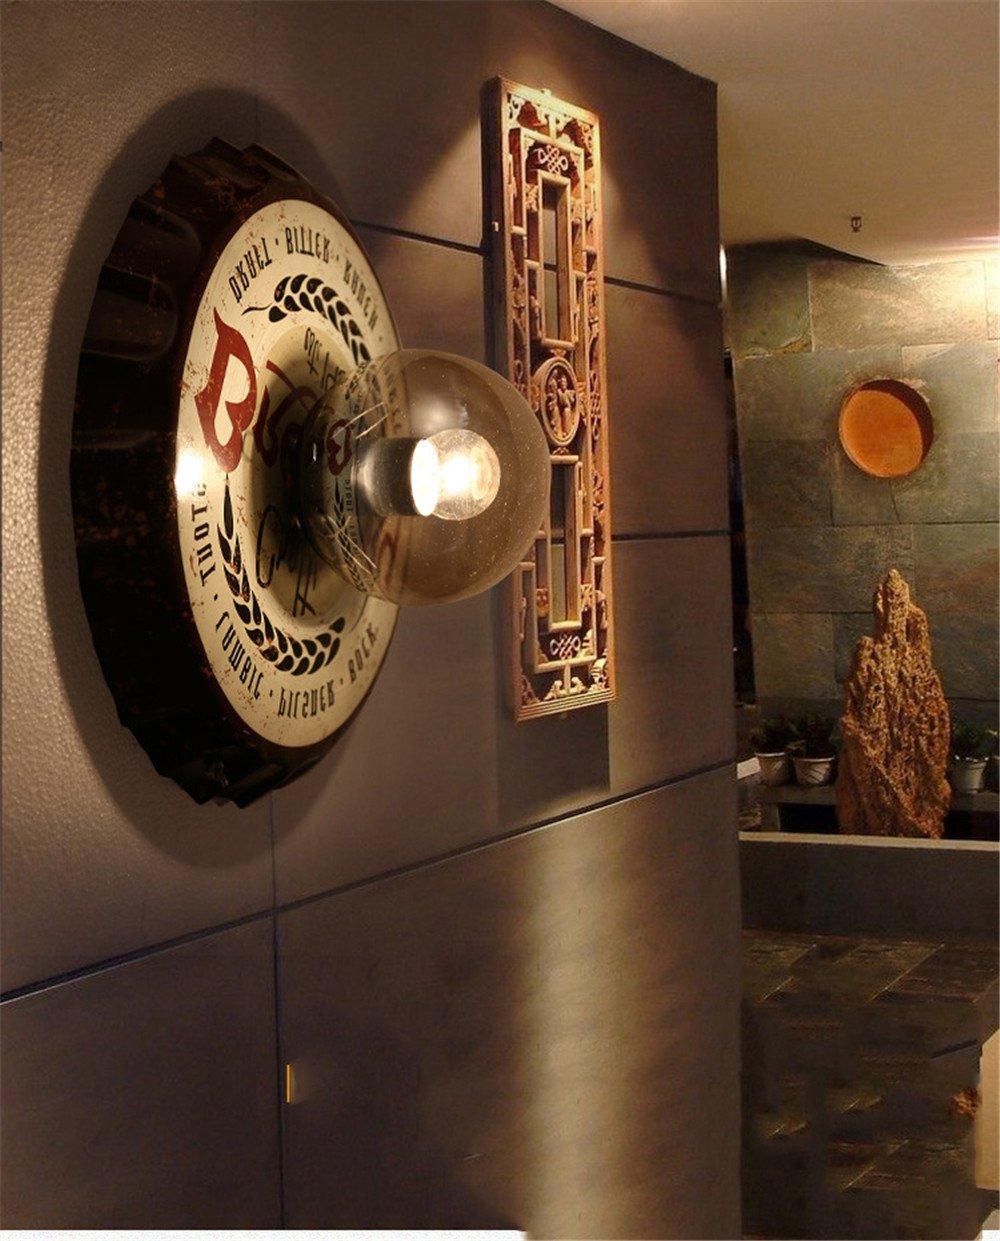 BOOTU LED Wandleuchte nach oben und unten Wandleuchten Industrielle Wandleuchten, Restaurant Lounge Cafe Bier Deckel (ohne Lampe) [Energieklasse A++]